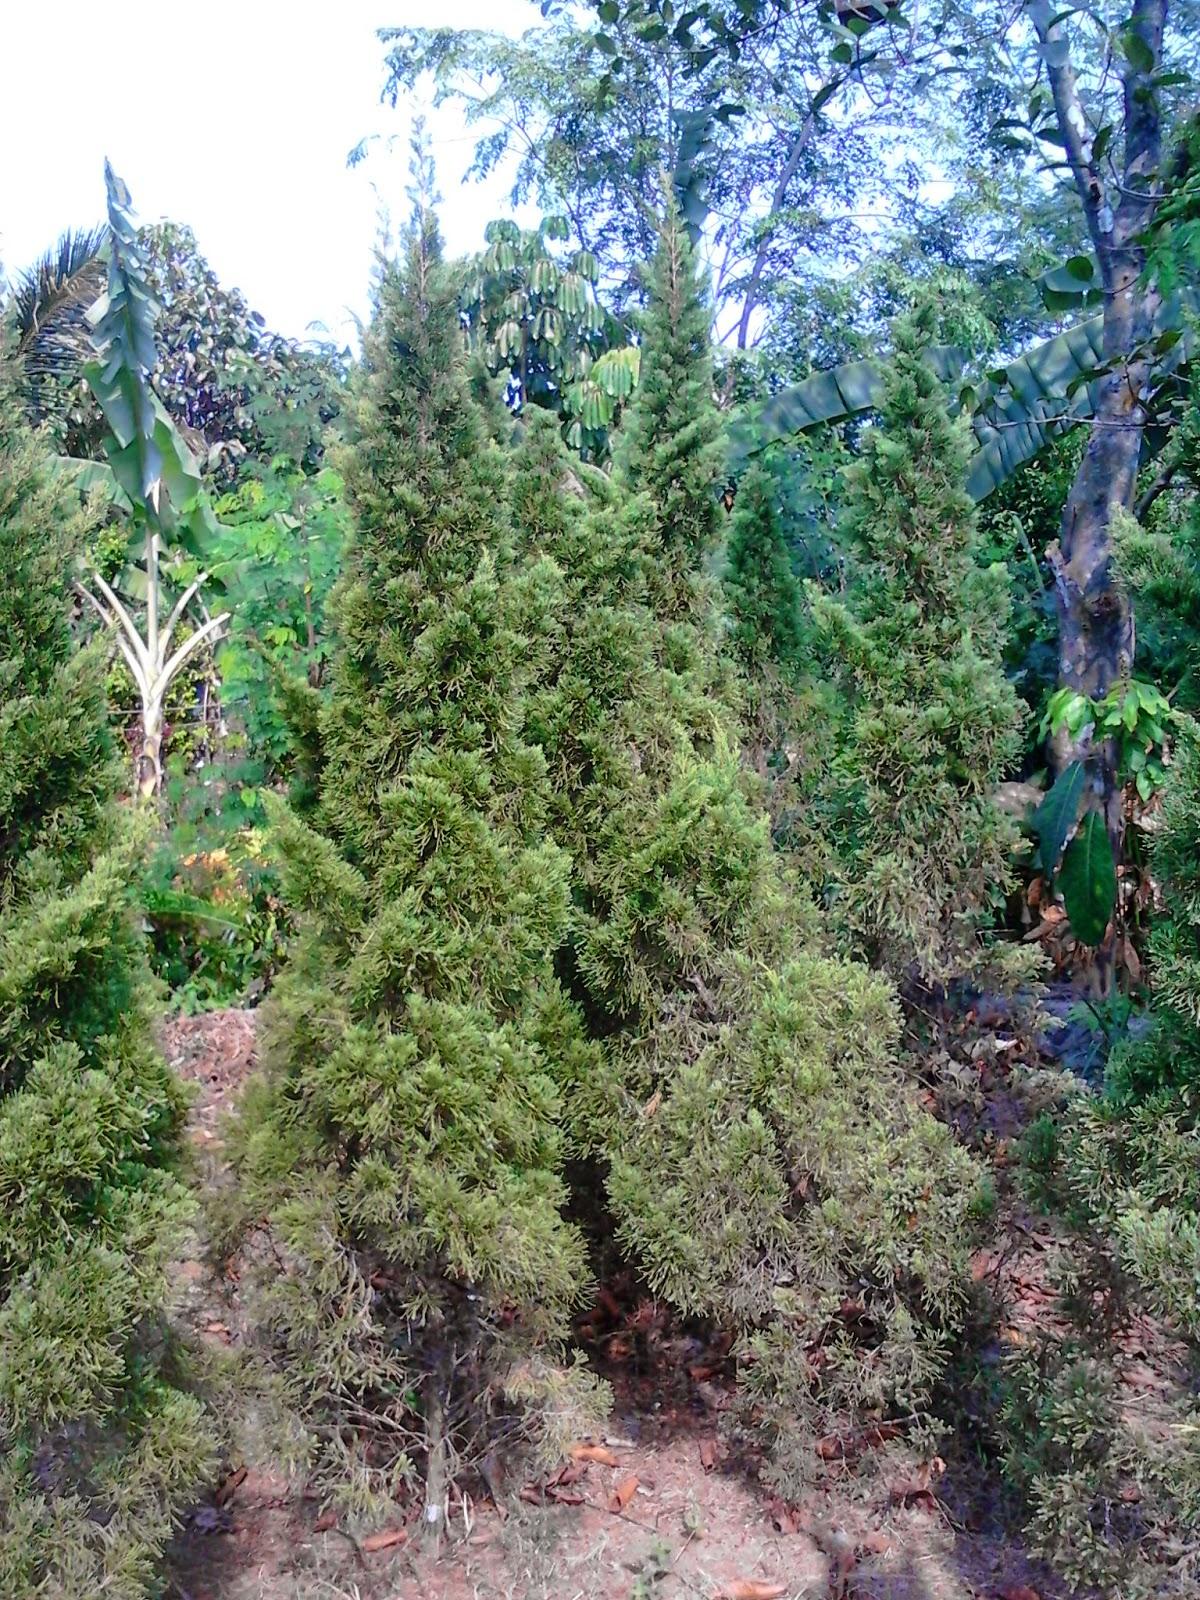 Jual Pohon Cemara Pua-Pua | Pohon Cemara Natal | Aneka Pohon Cemara